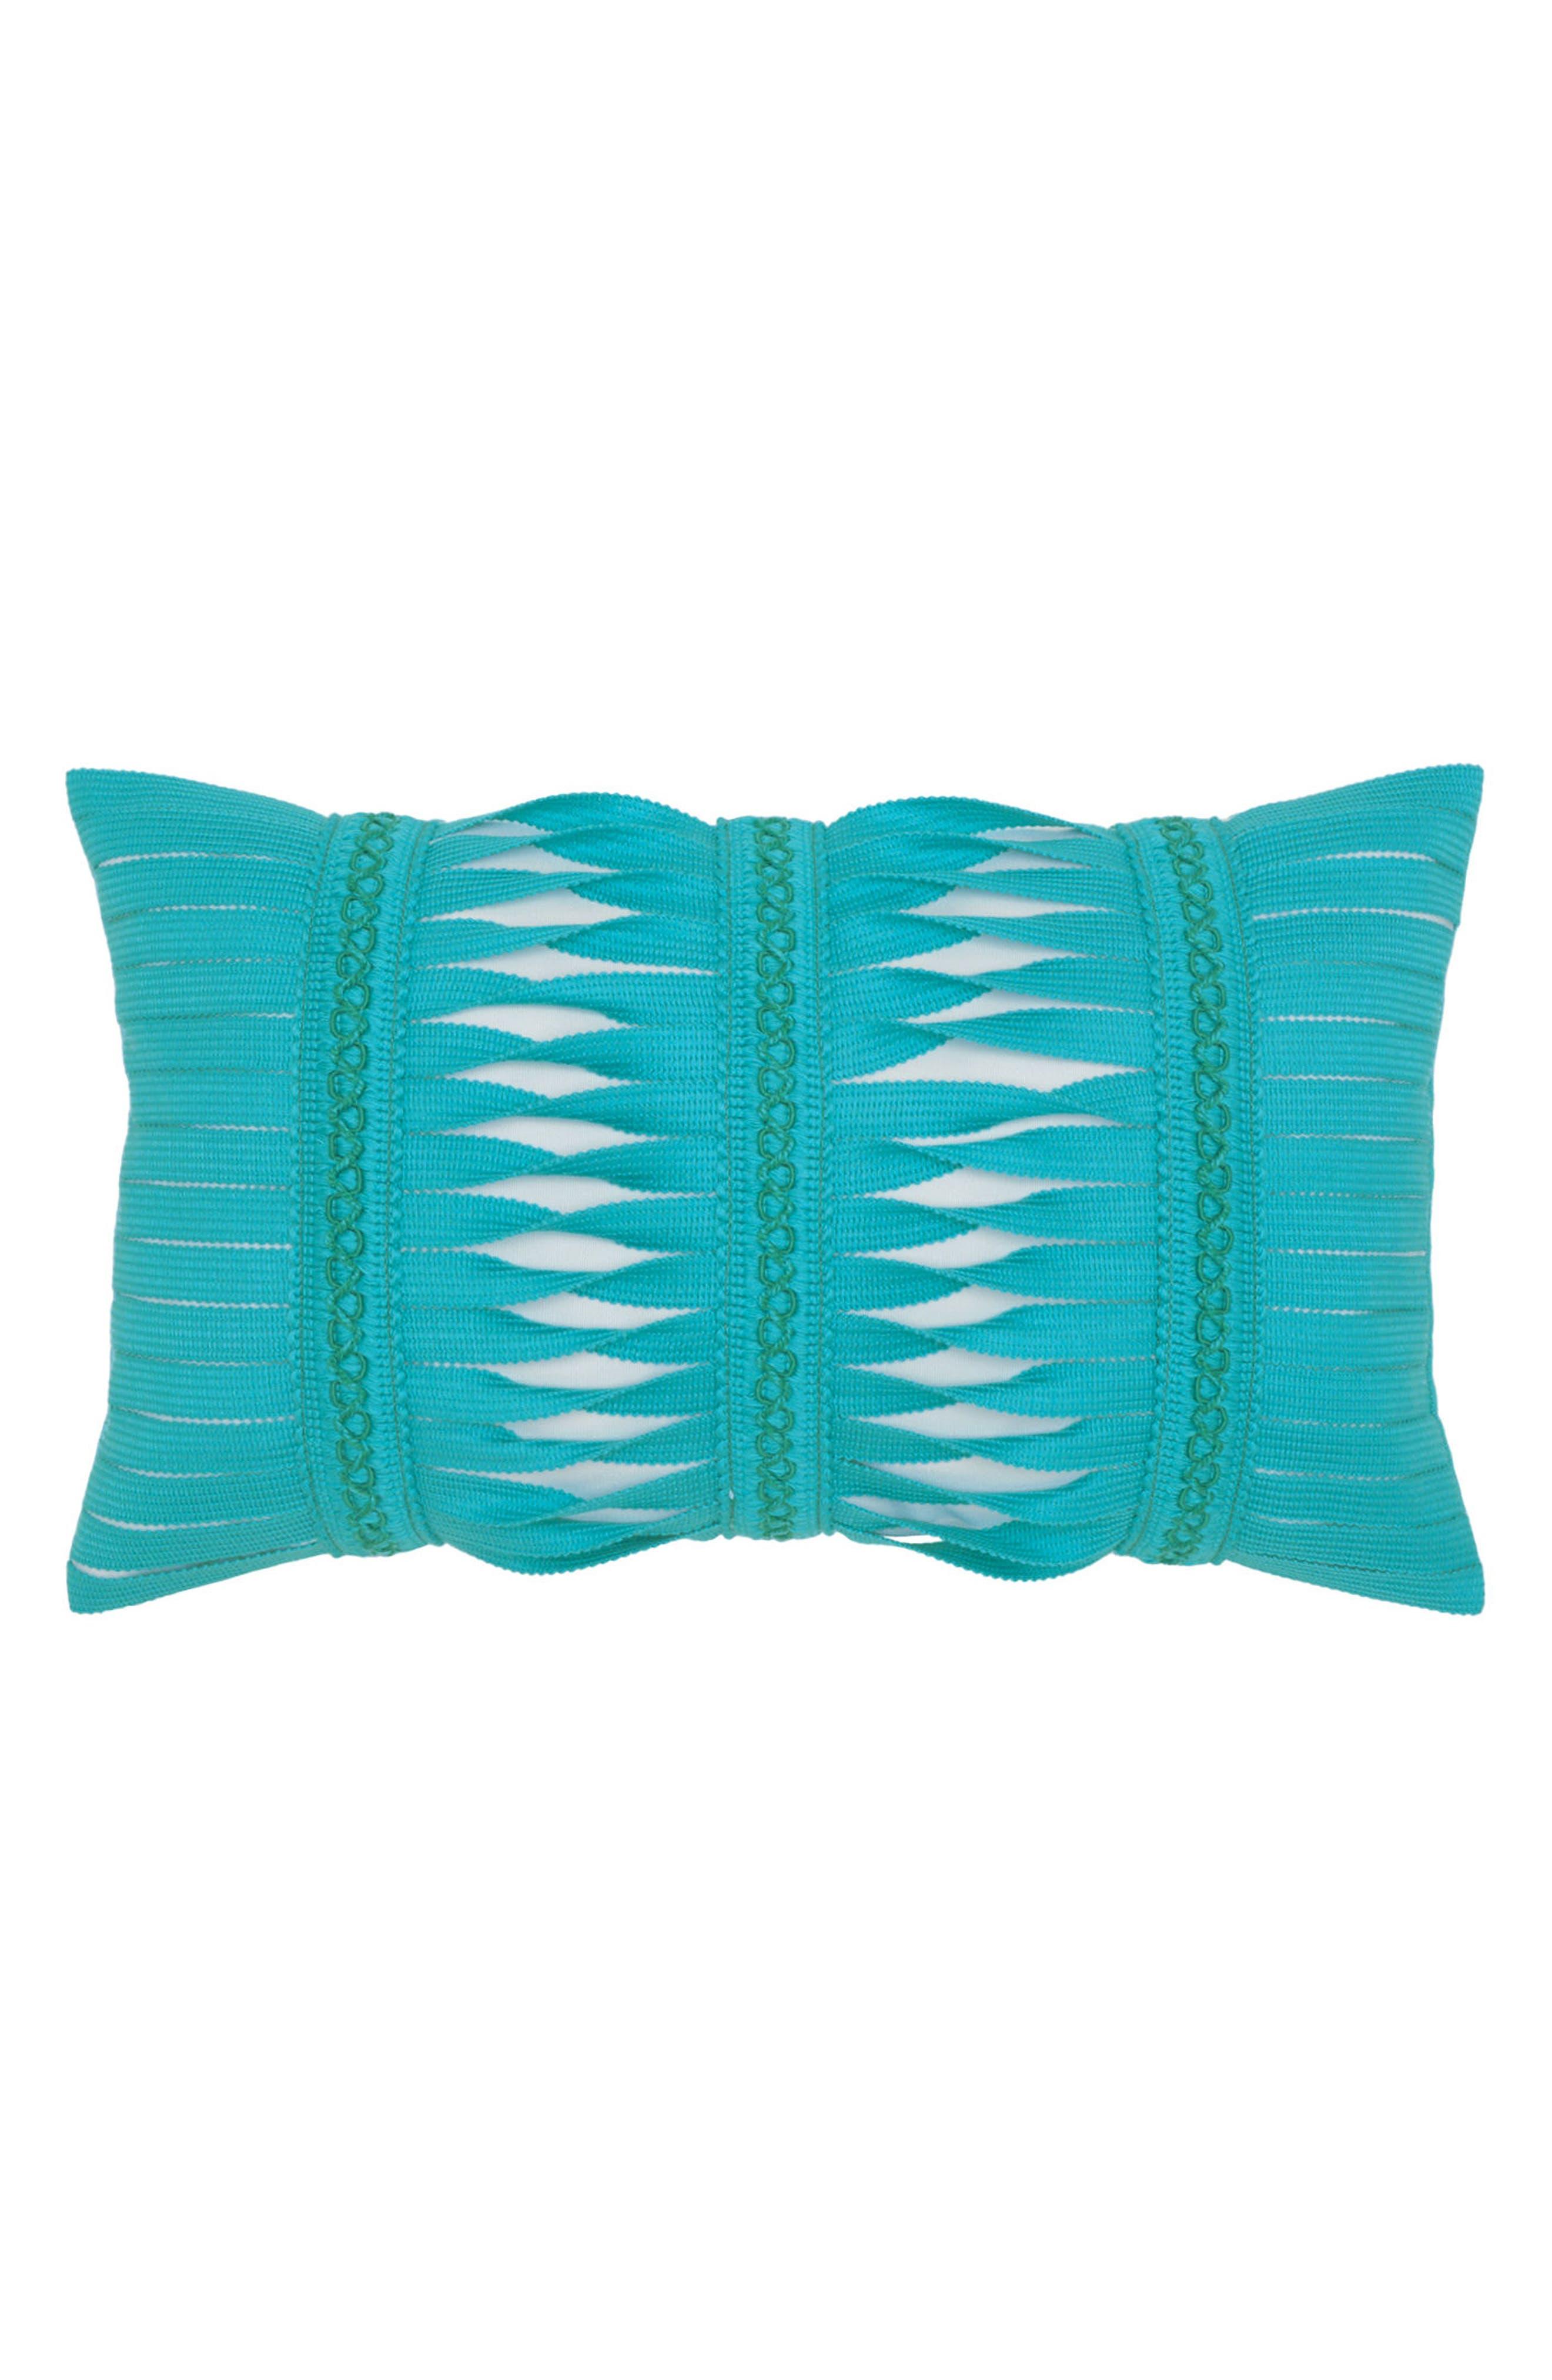 Gladiator Aruba Lumbar Pillow,                         Main,                         color, Blue